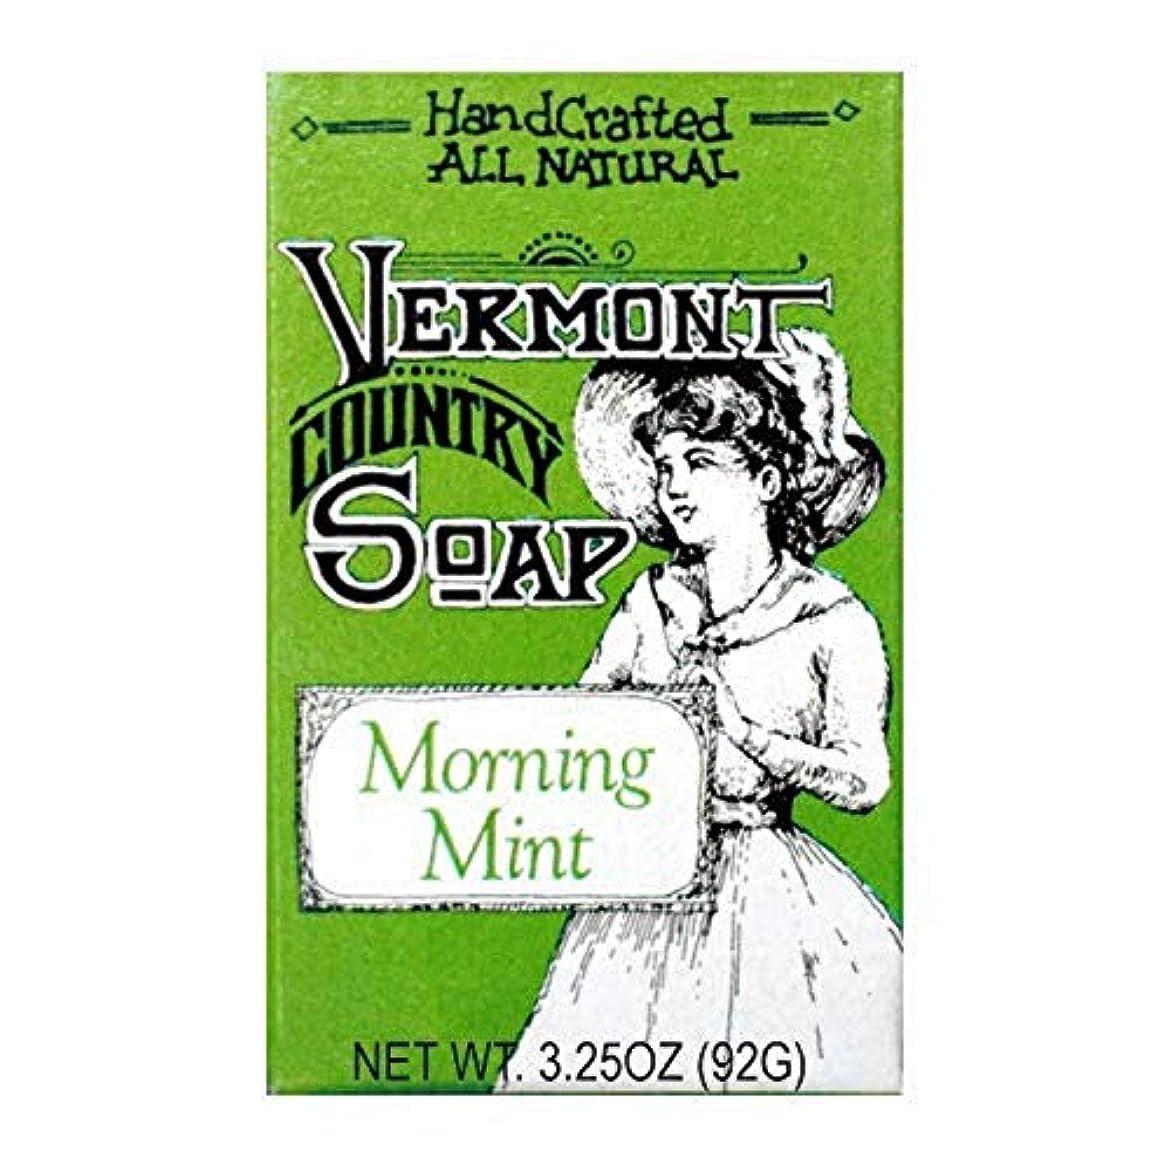 にんじん遅れ超えてバーモントカントリーソープ (モーニングミント) オーガニック石鹸 洗顔 92g